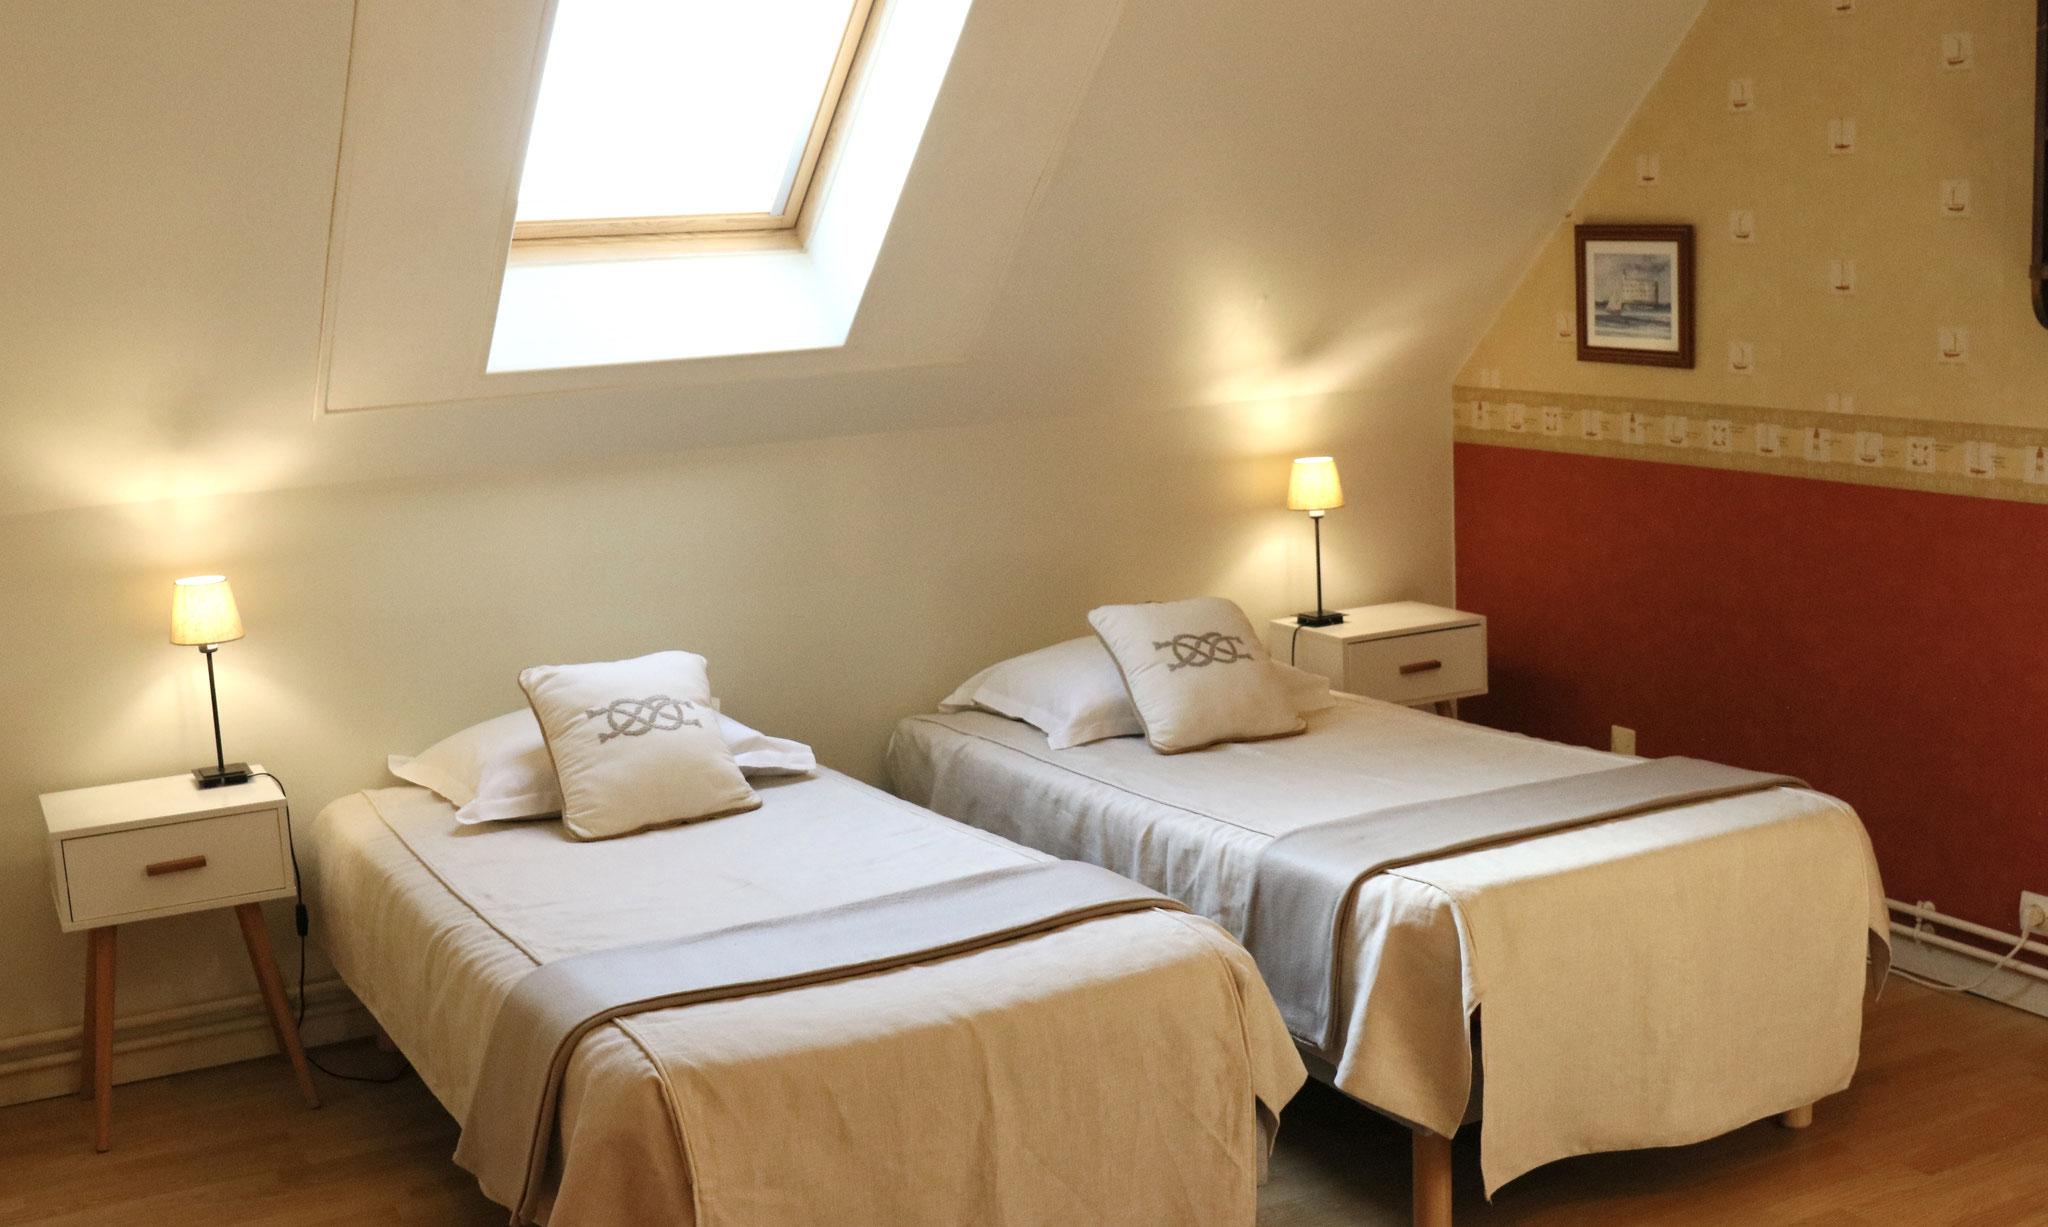 Chambre Nautique - 2 lits simples 90x190 - Gîte La Pouprière - 14 couchages